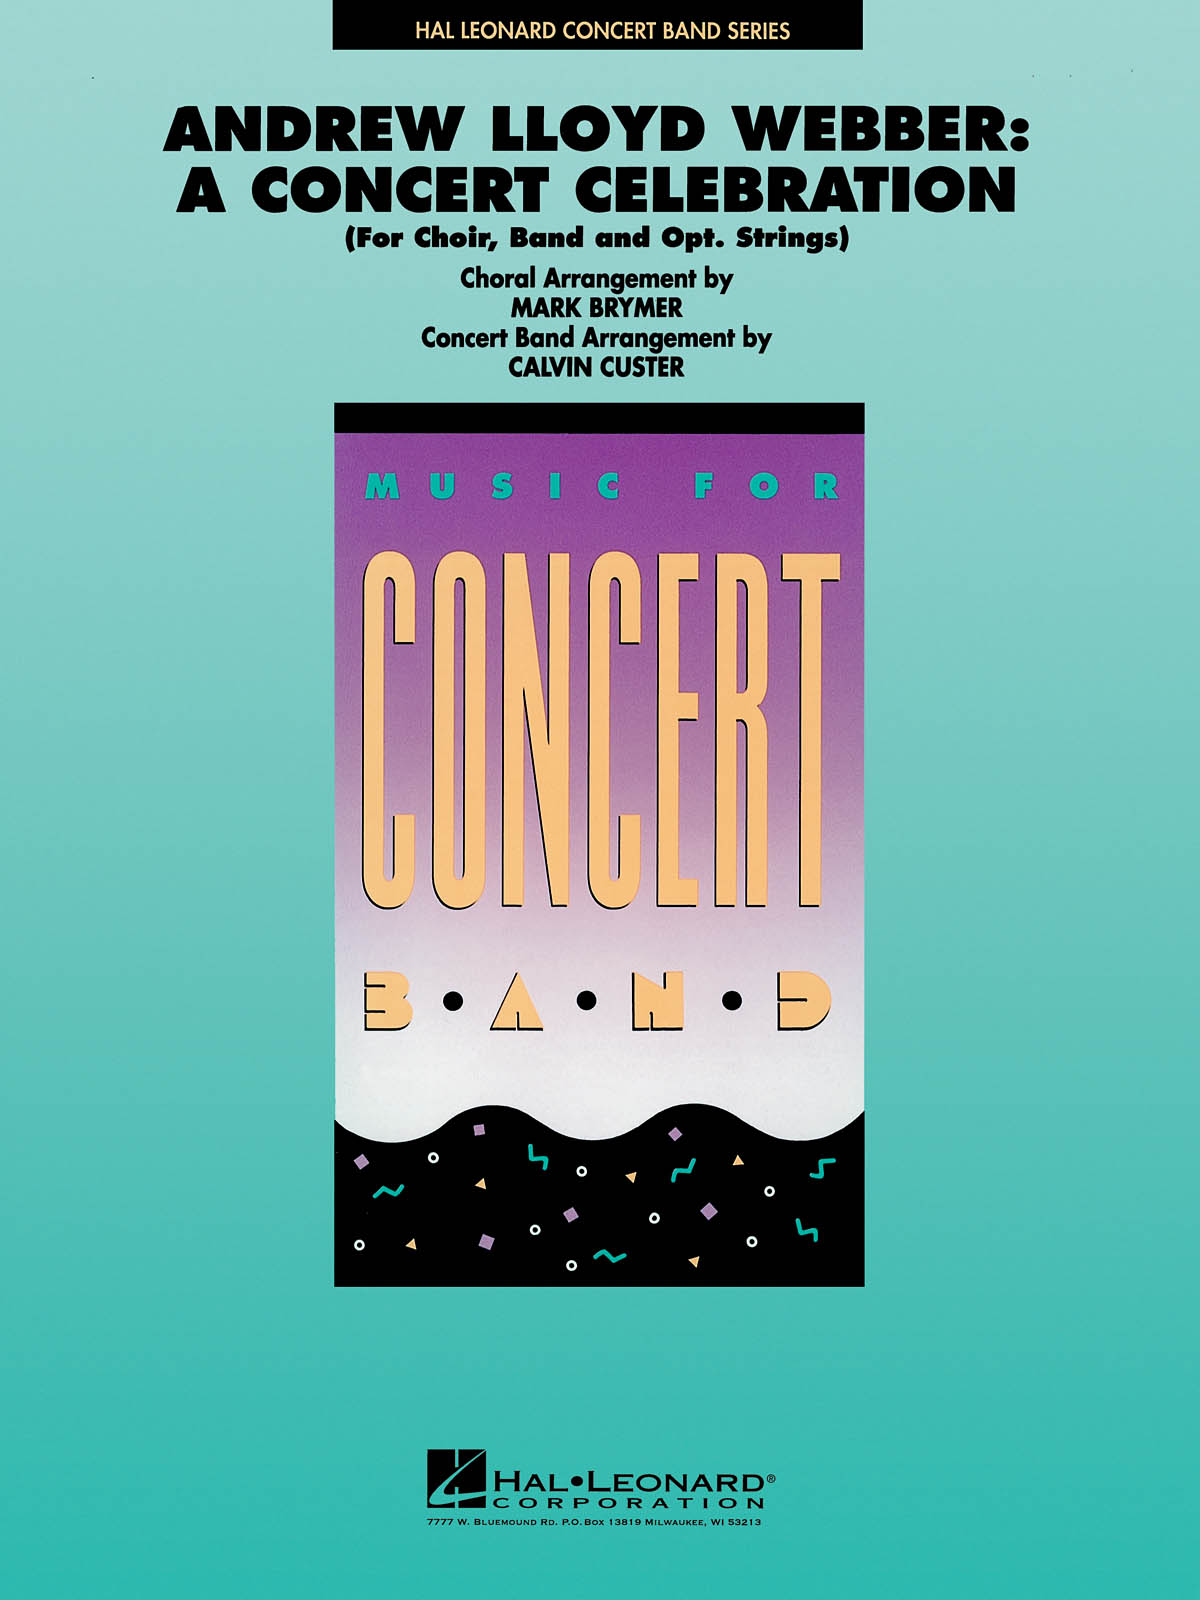 Andrew Lloyd Webber: Andrew Lloyd Webber: A Concert Celebration: Concert Band: